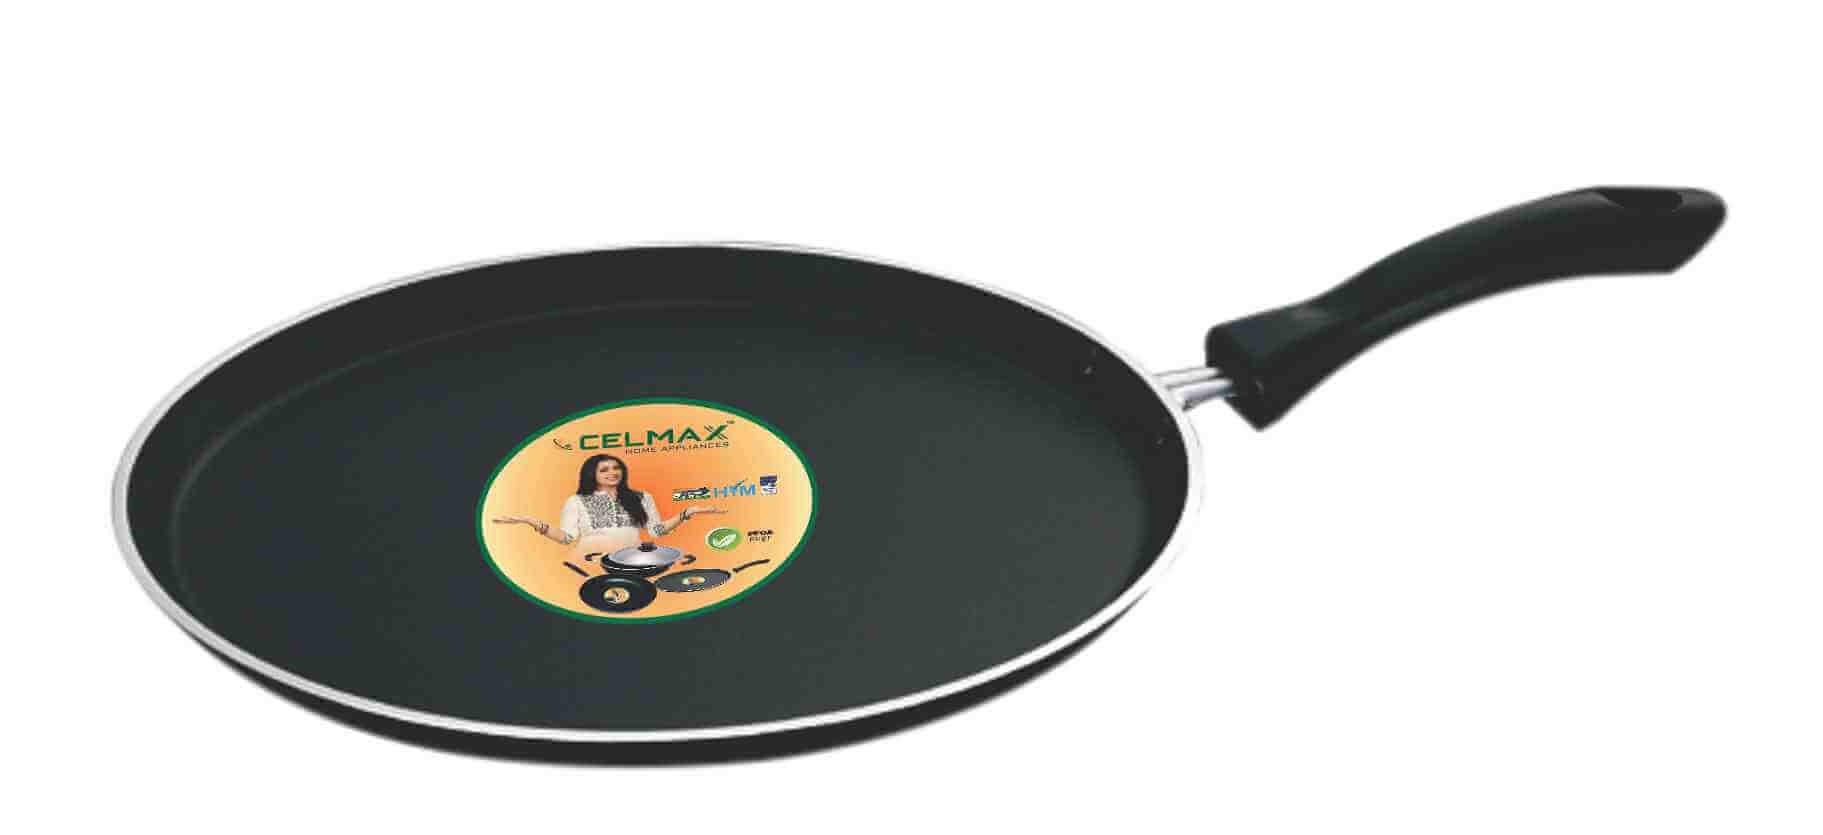 Celmax  Non Stick Flat Tawa 280mm